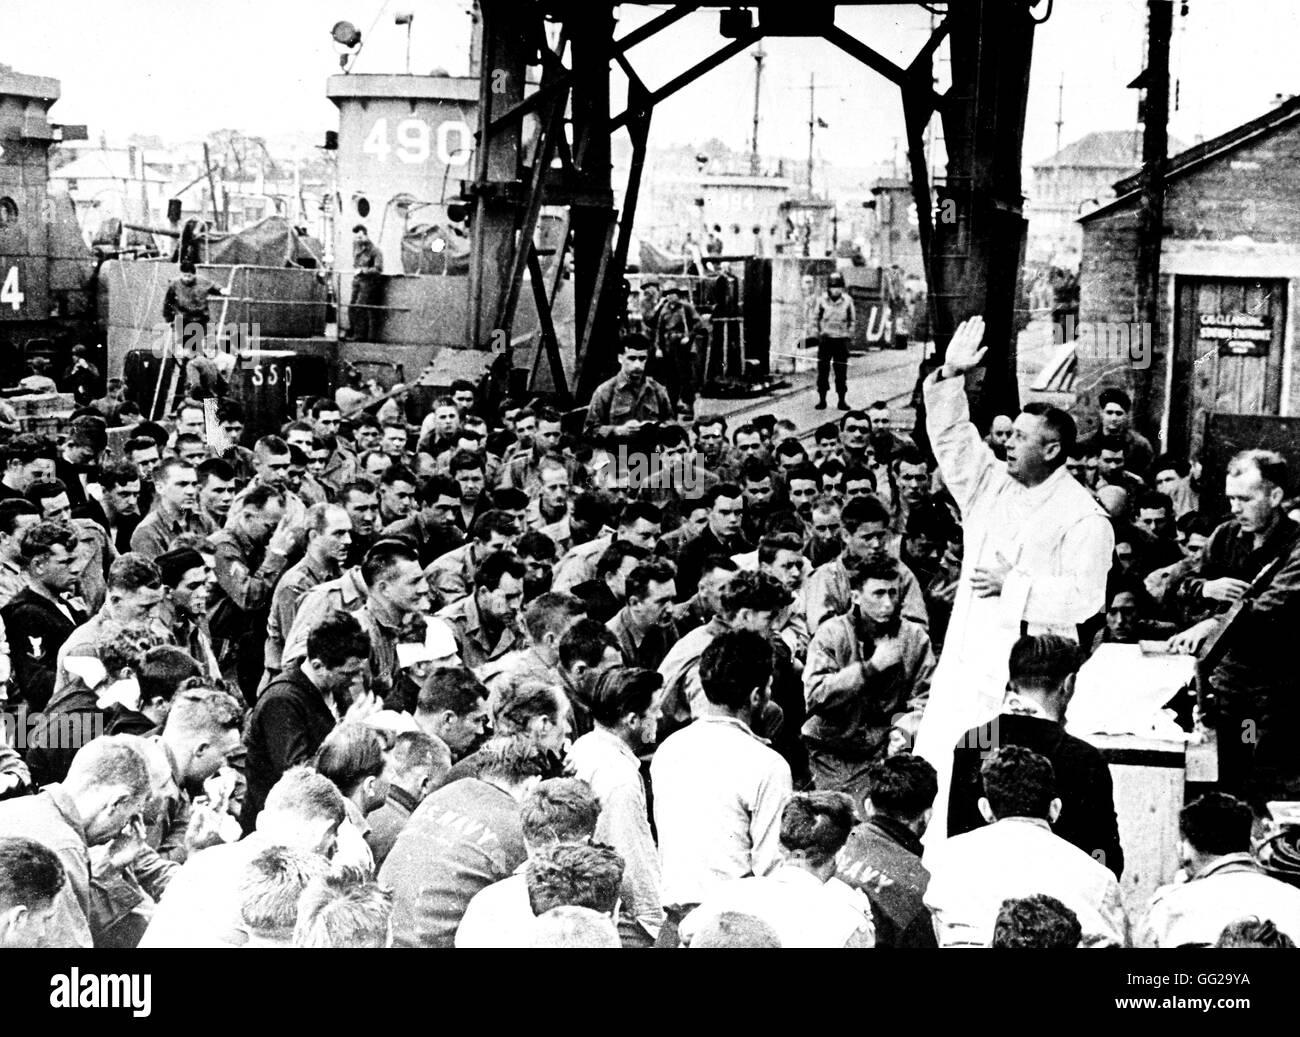 Liberación De Francia La Celebración De Una Misa Antes Del Desembarco En Normandía Francia El 6 De Junio De 1944 Francia Segunda Guerra Mundial La Guerra De Los Archivos Nacionales En Washington